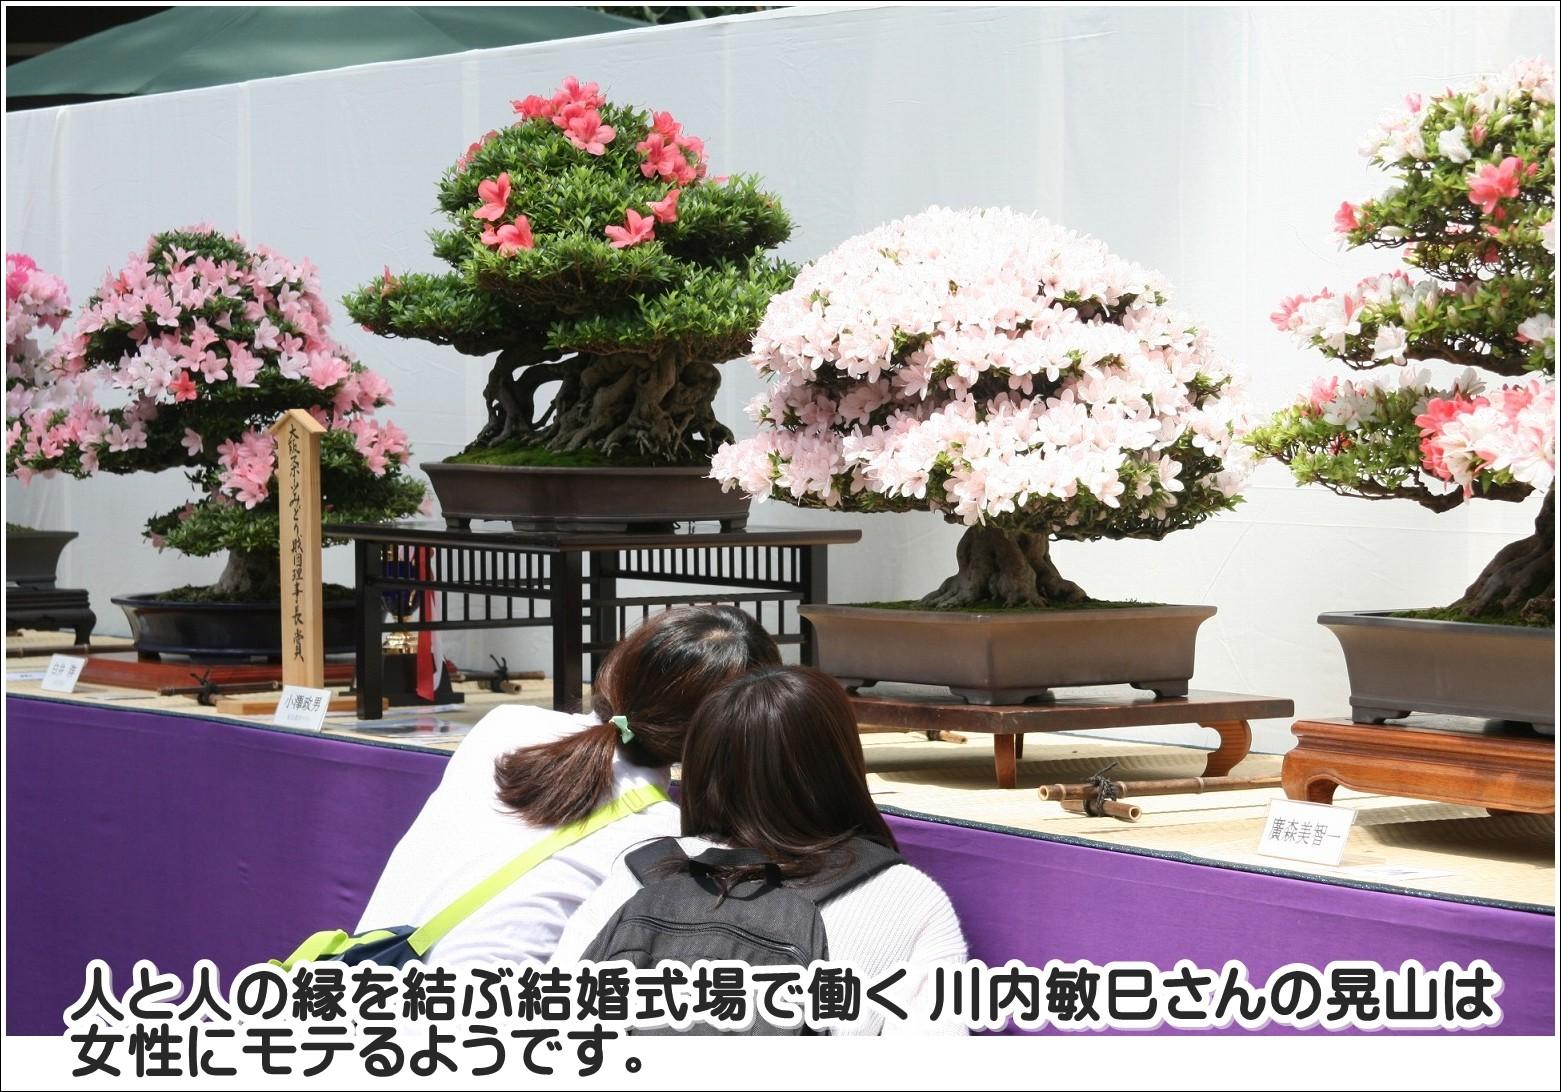 人と人の縁を結ぶ結婚式場で働く川内敏巳さんの晃山は女性にモテるようです。